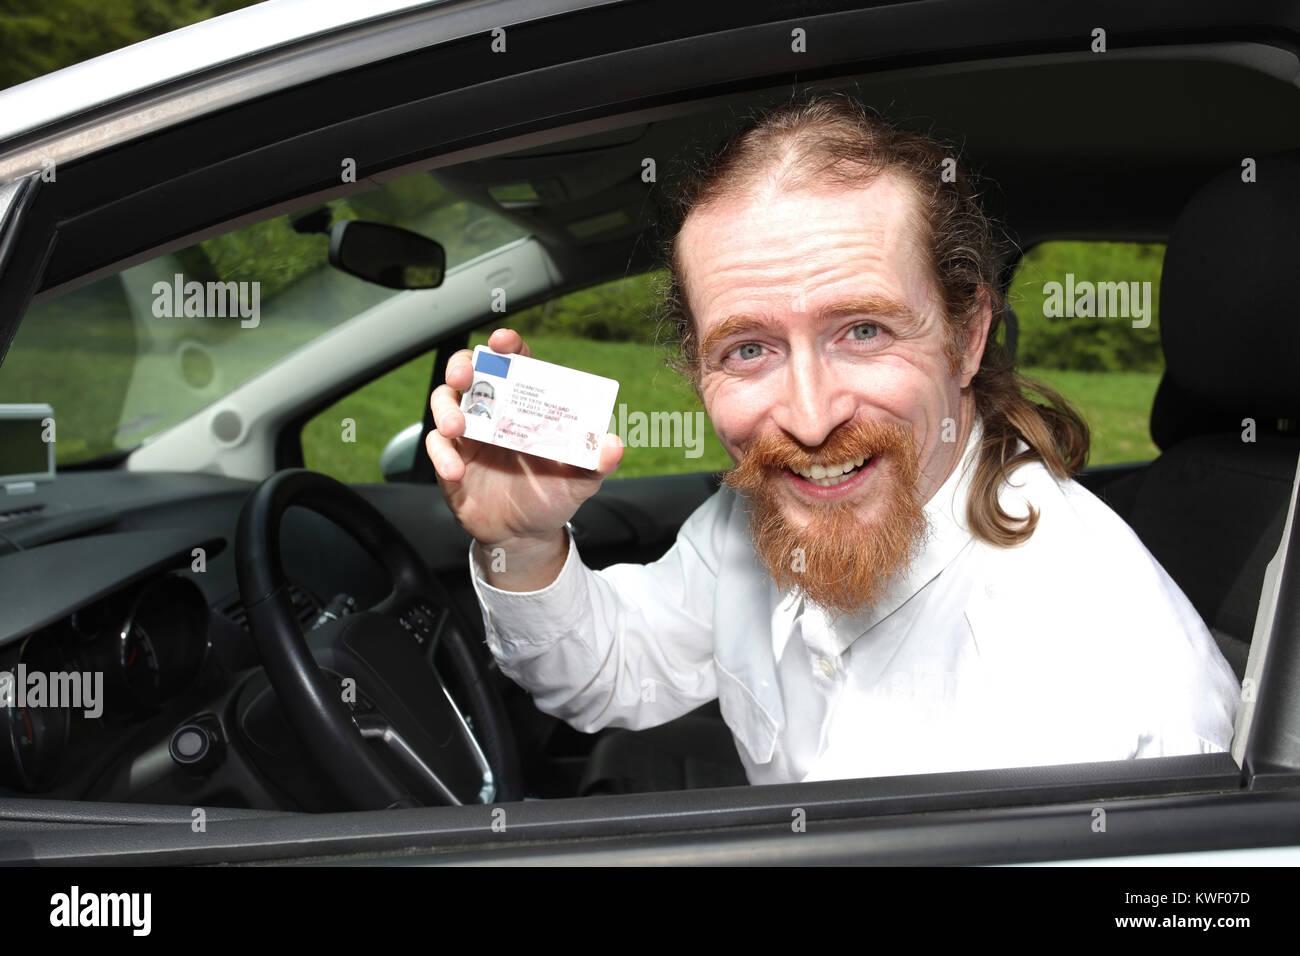 Sonriente conductor sentado en el coche y mostrando la licencia de conductores Imagen De Stock